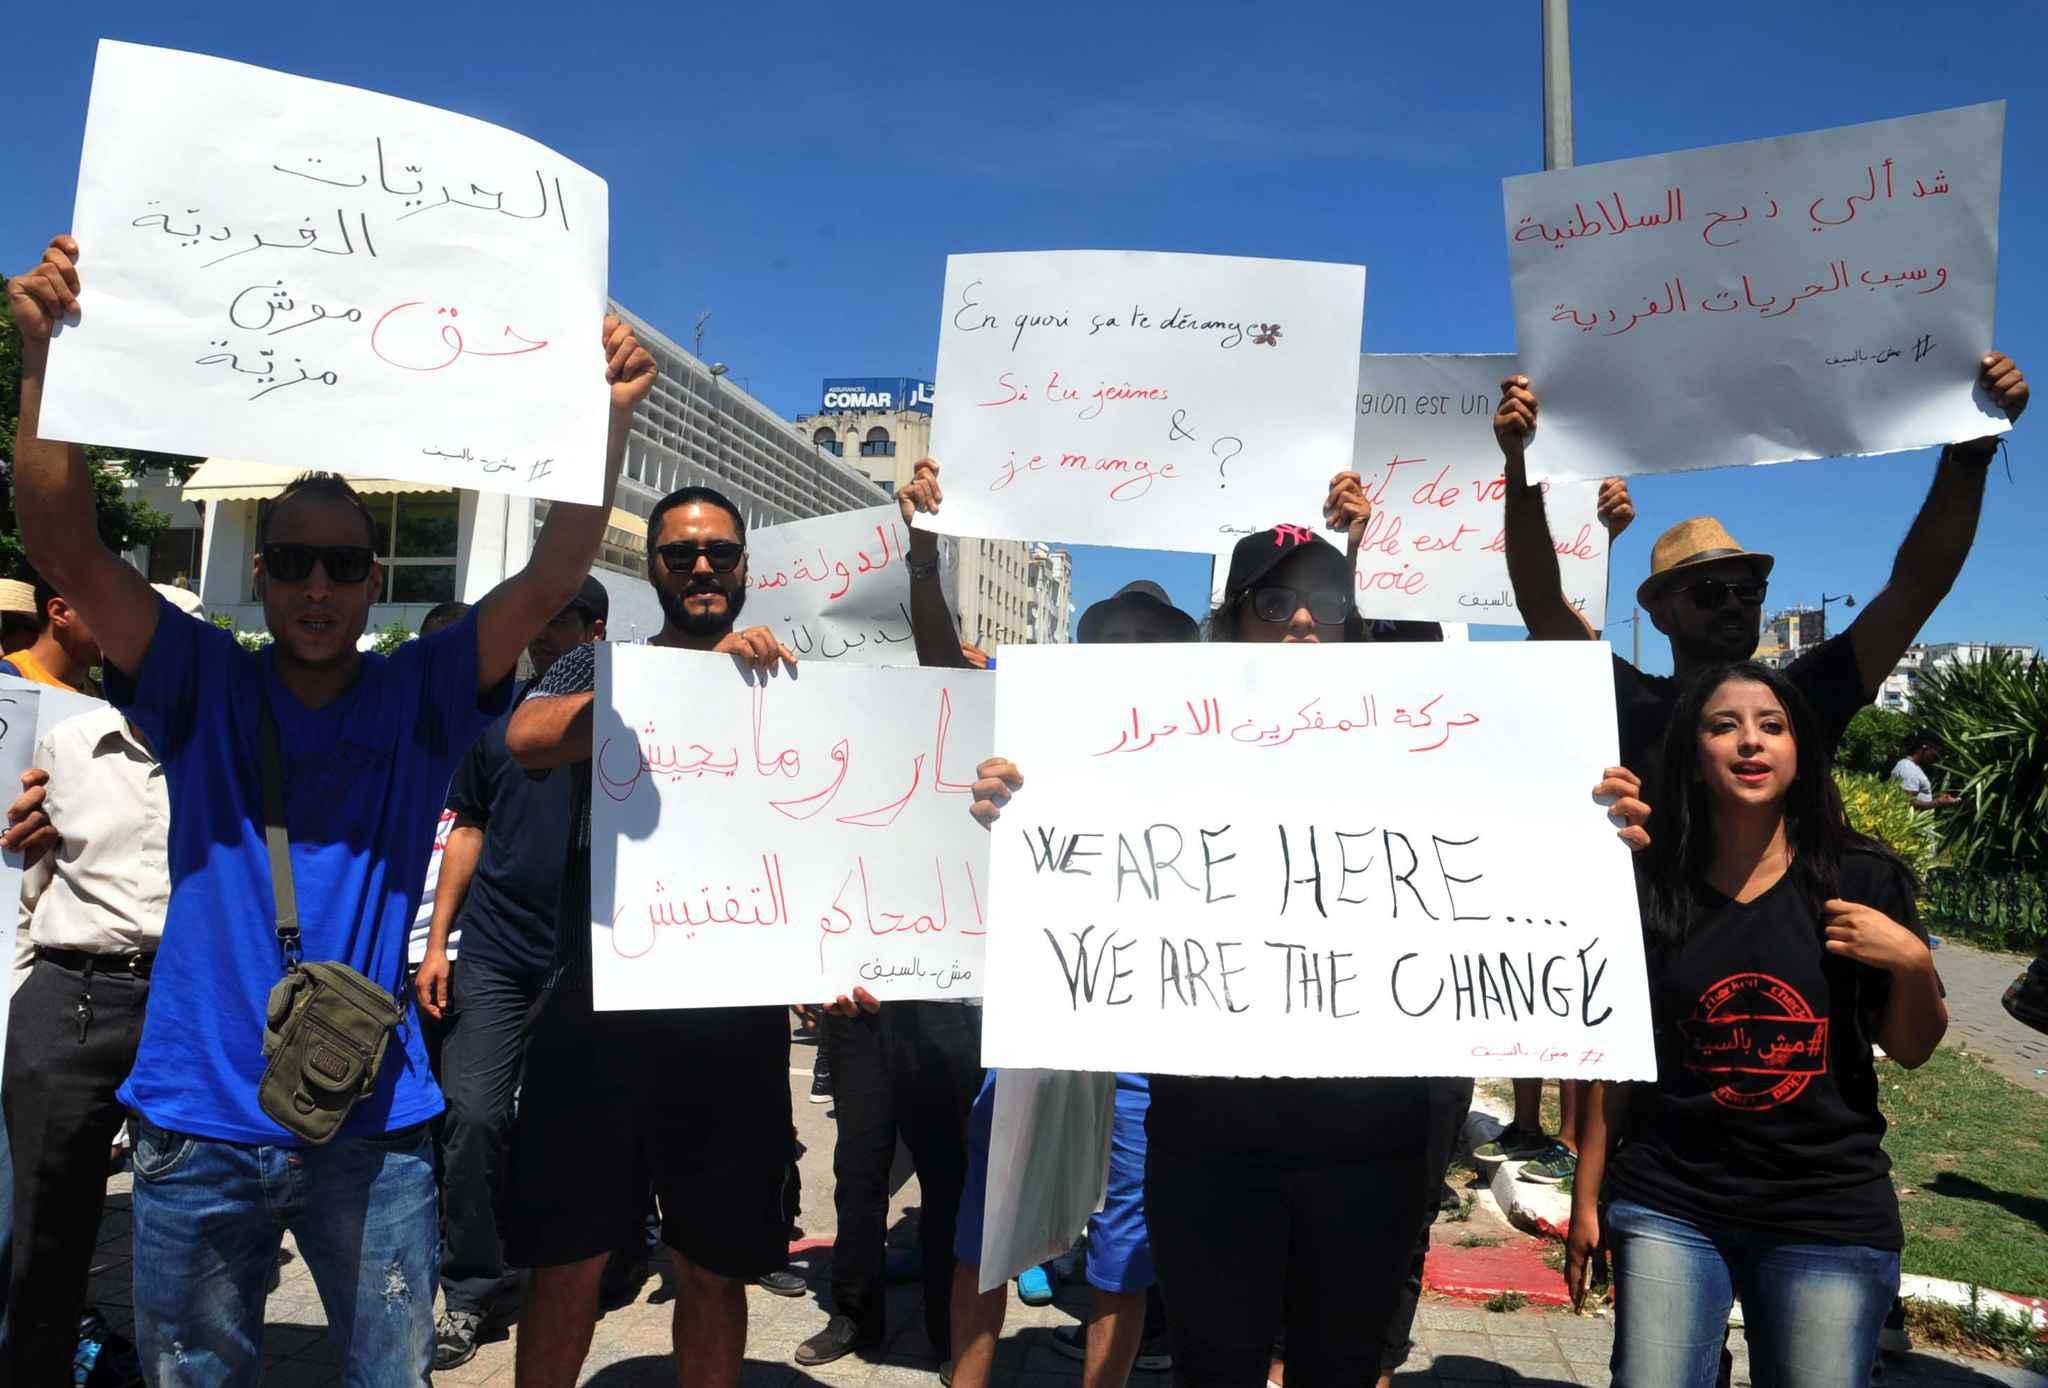 Le droit de manger en public durant la période du ramadan — Tunisie